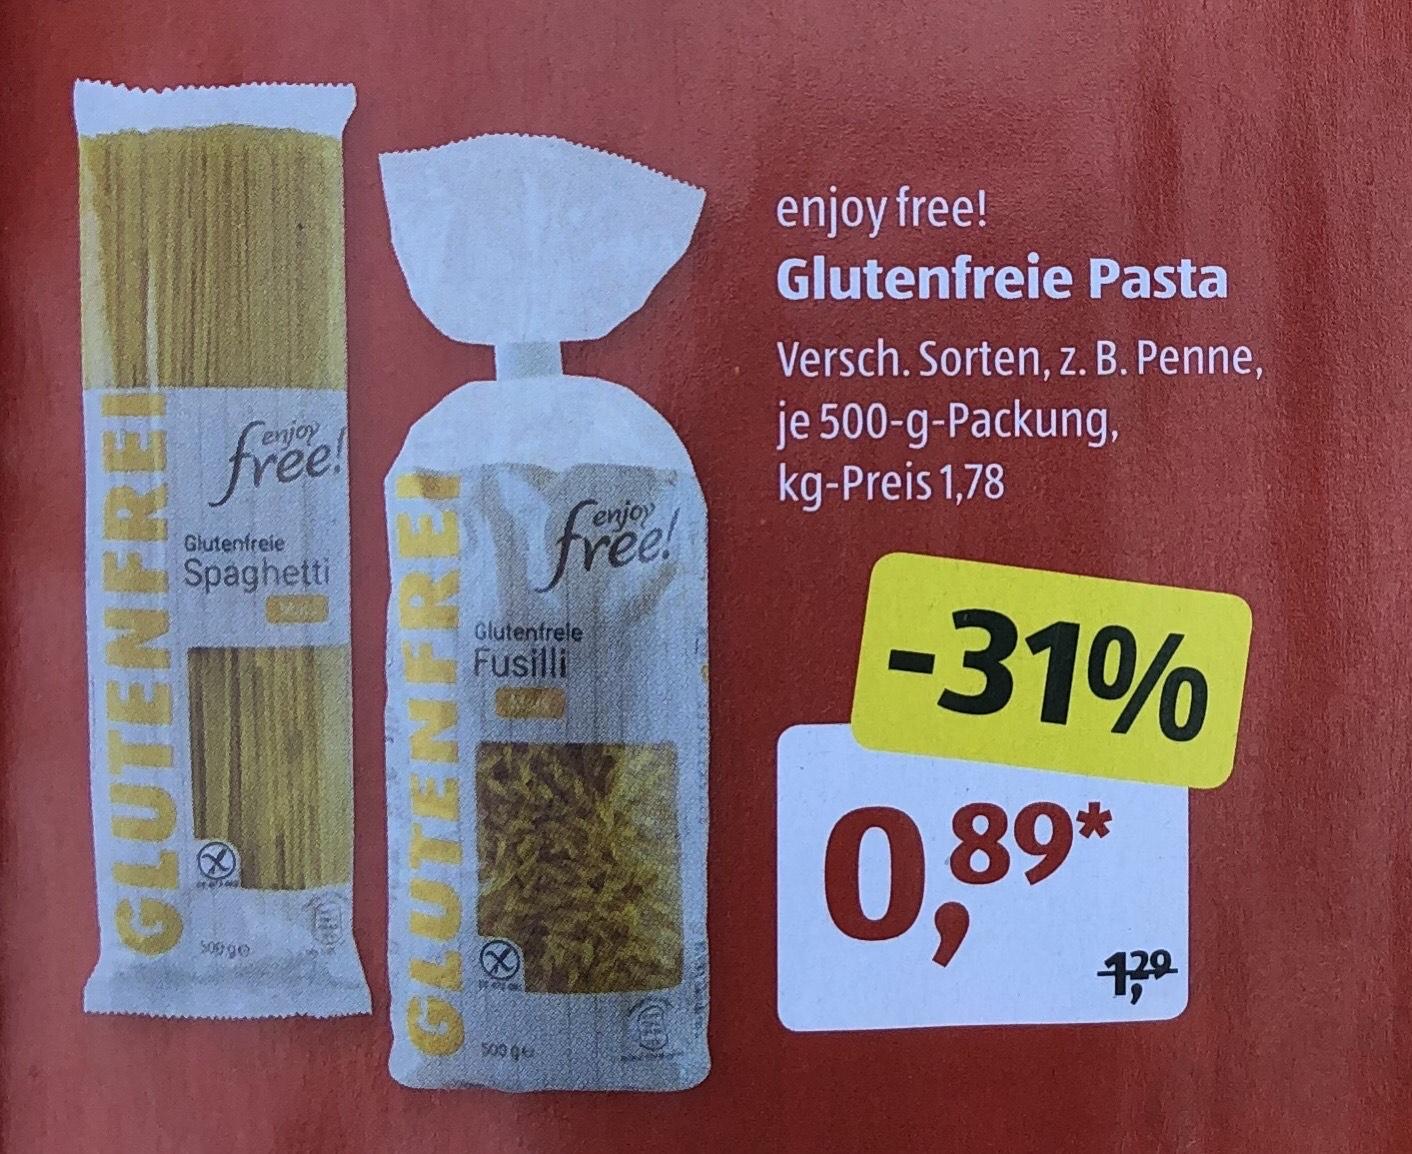 """[Aldi Süd] Glutenfreie Pasta """"enjoy free!"""" für 0,86€"""